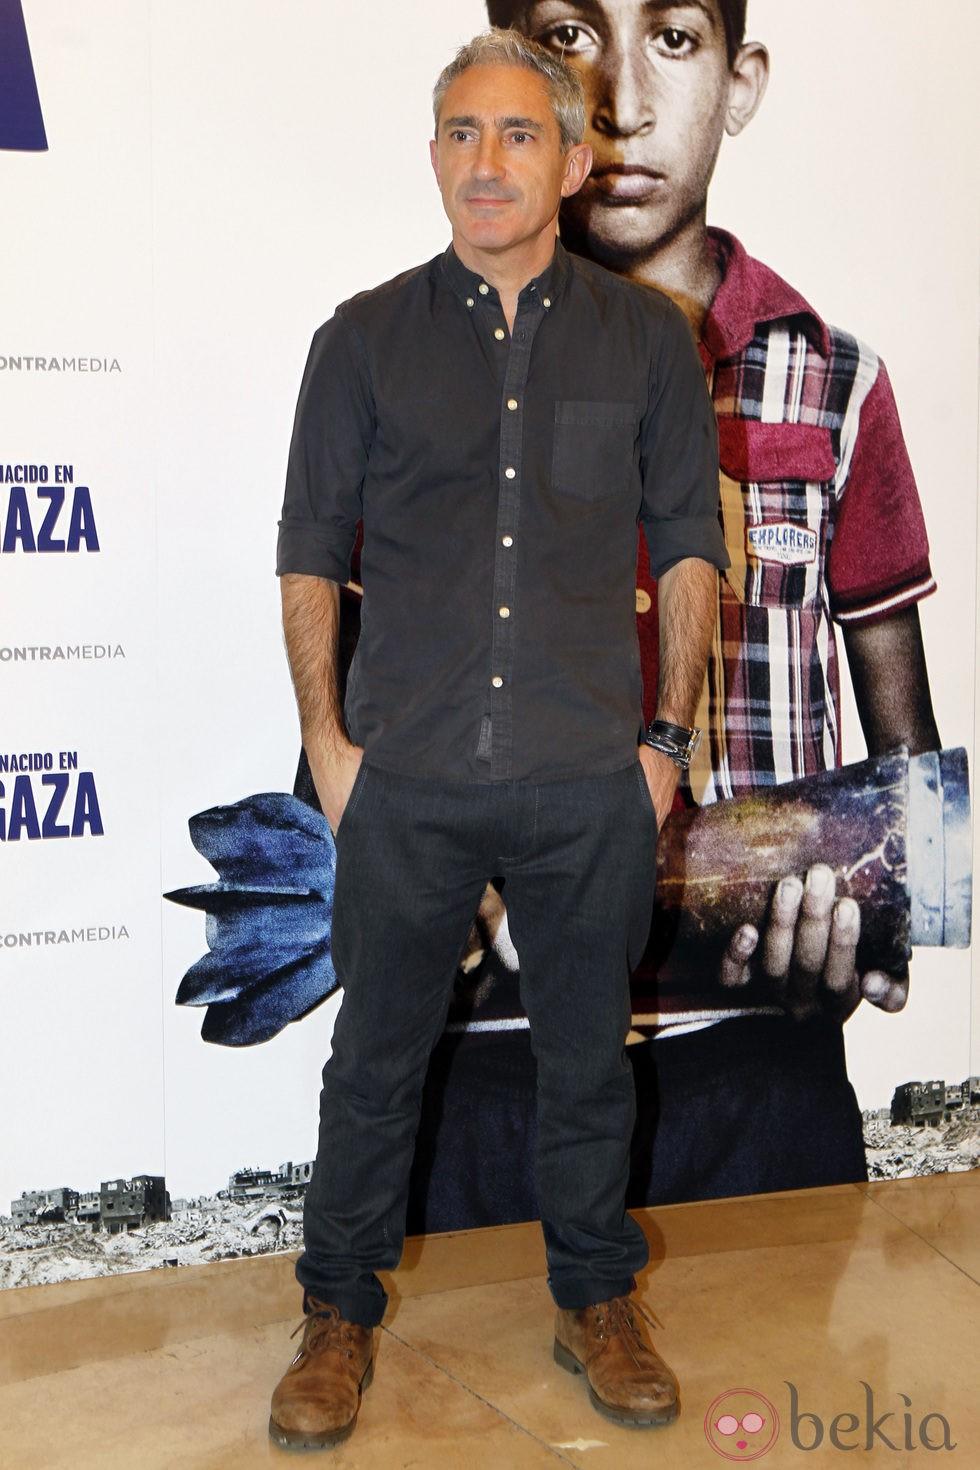 Jon Sistiaga en el estreno de 'Nacido en Gaza'